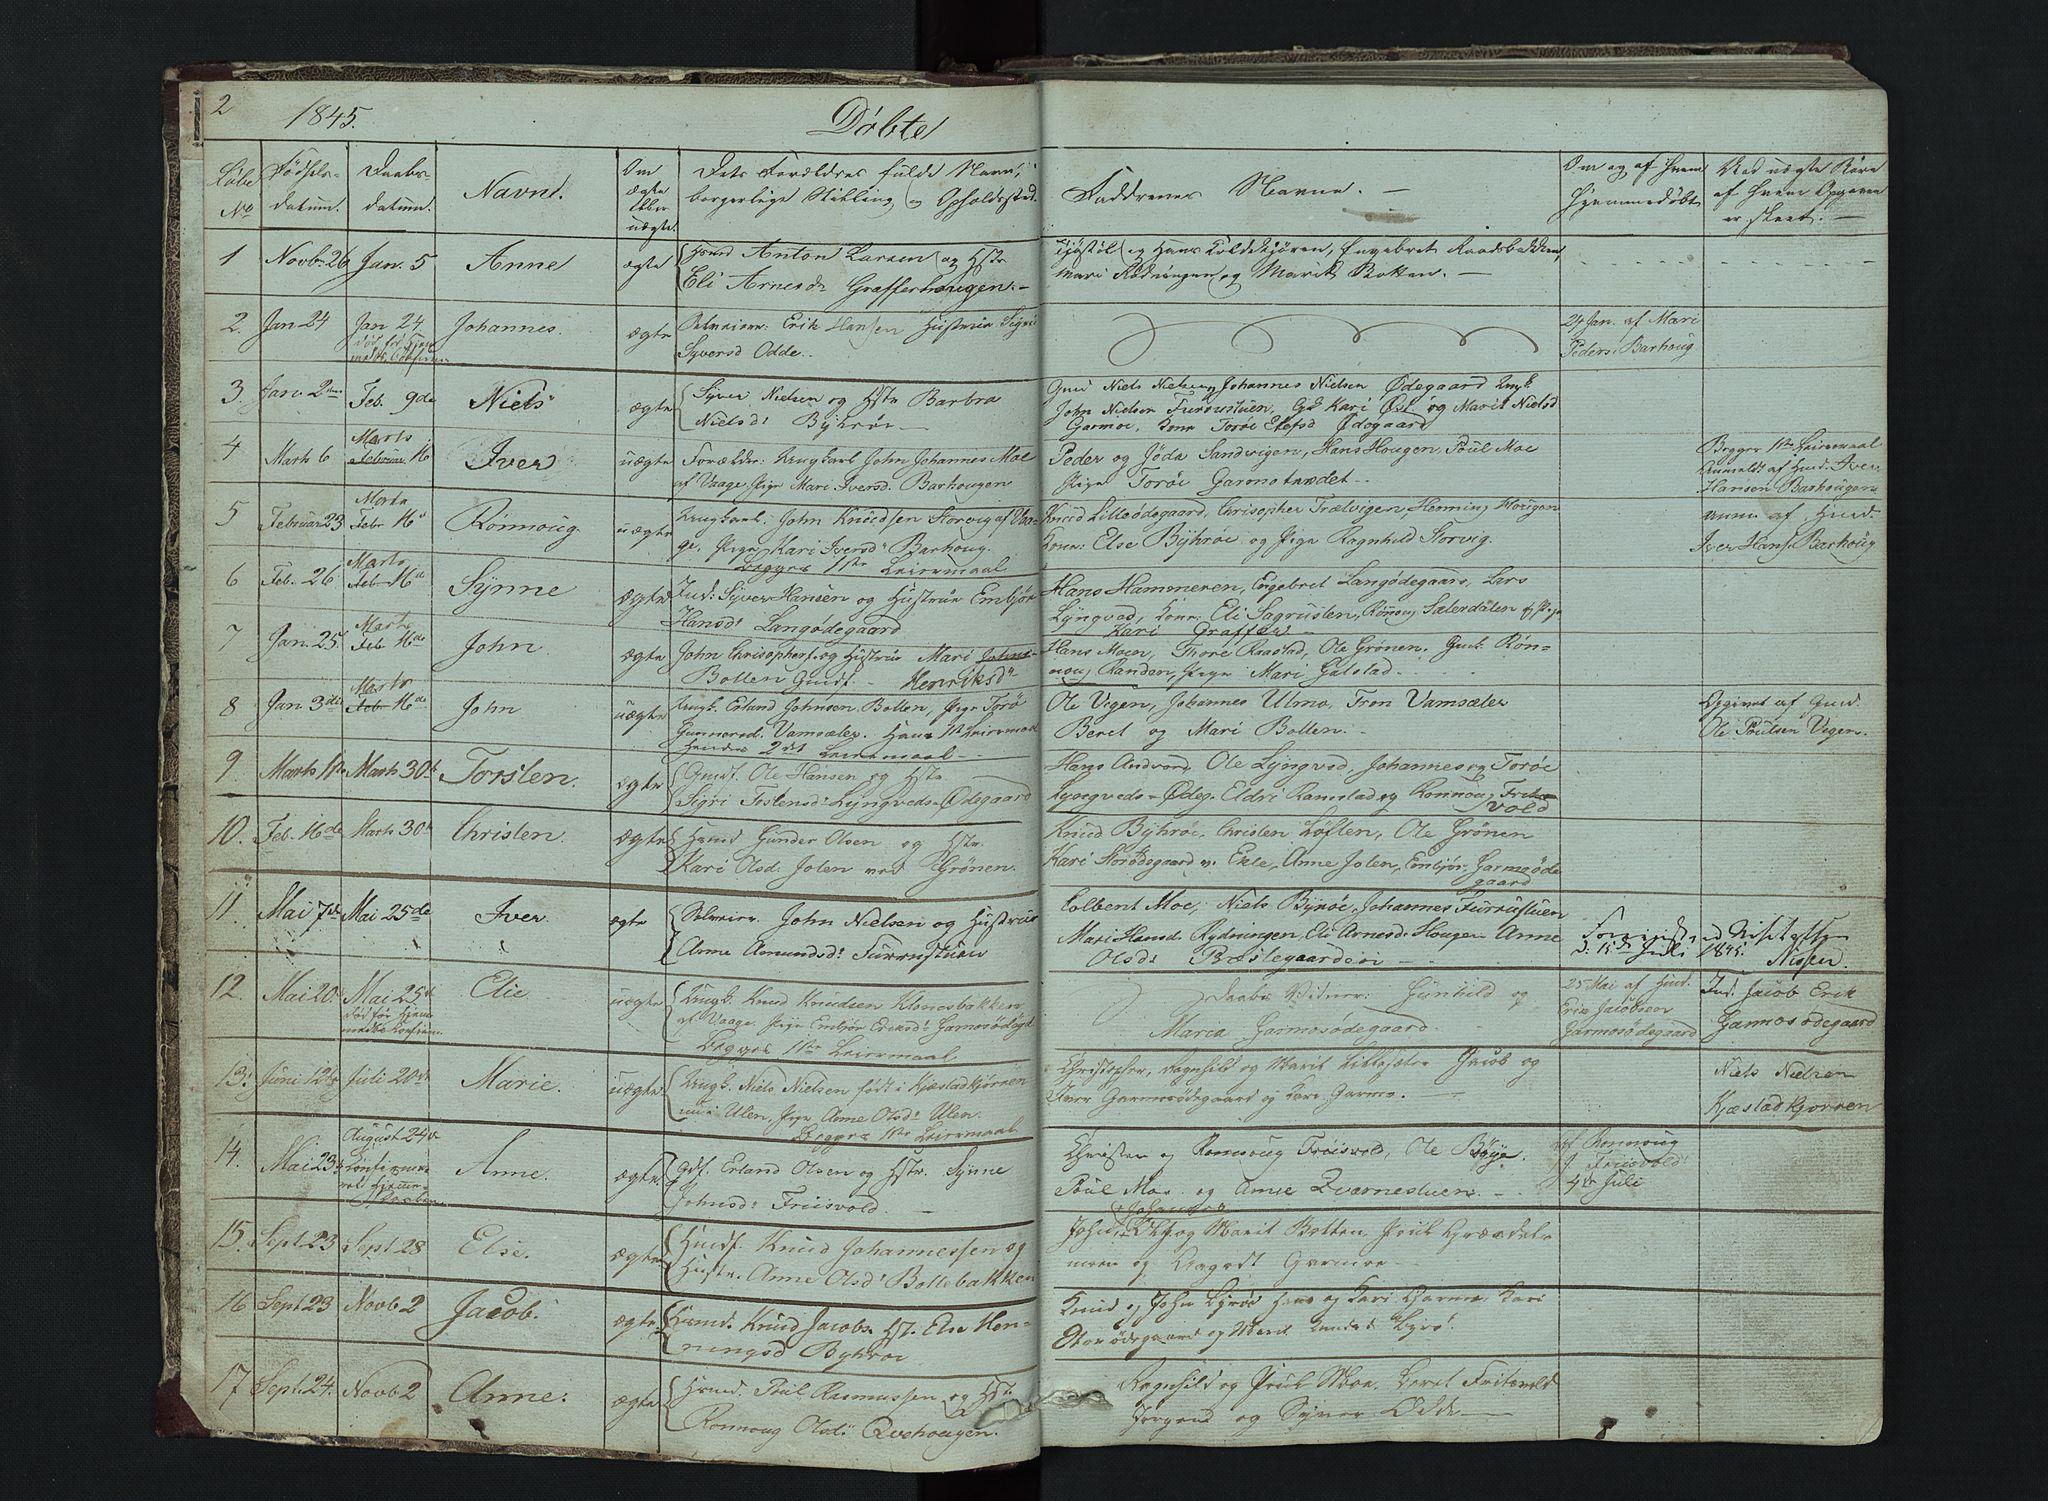 SAH, Lom prestekontor, L/L0014: Klokkerbok nr. 14, 1845-1876, s. 2-3